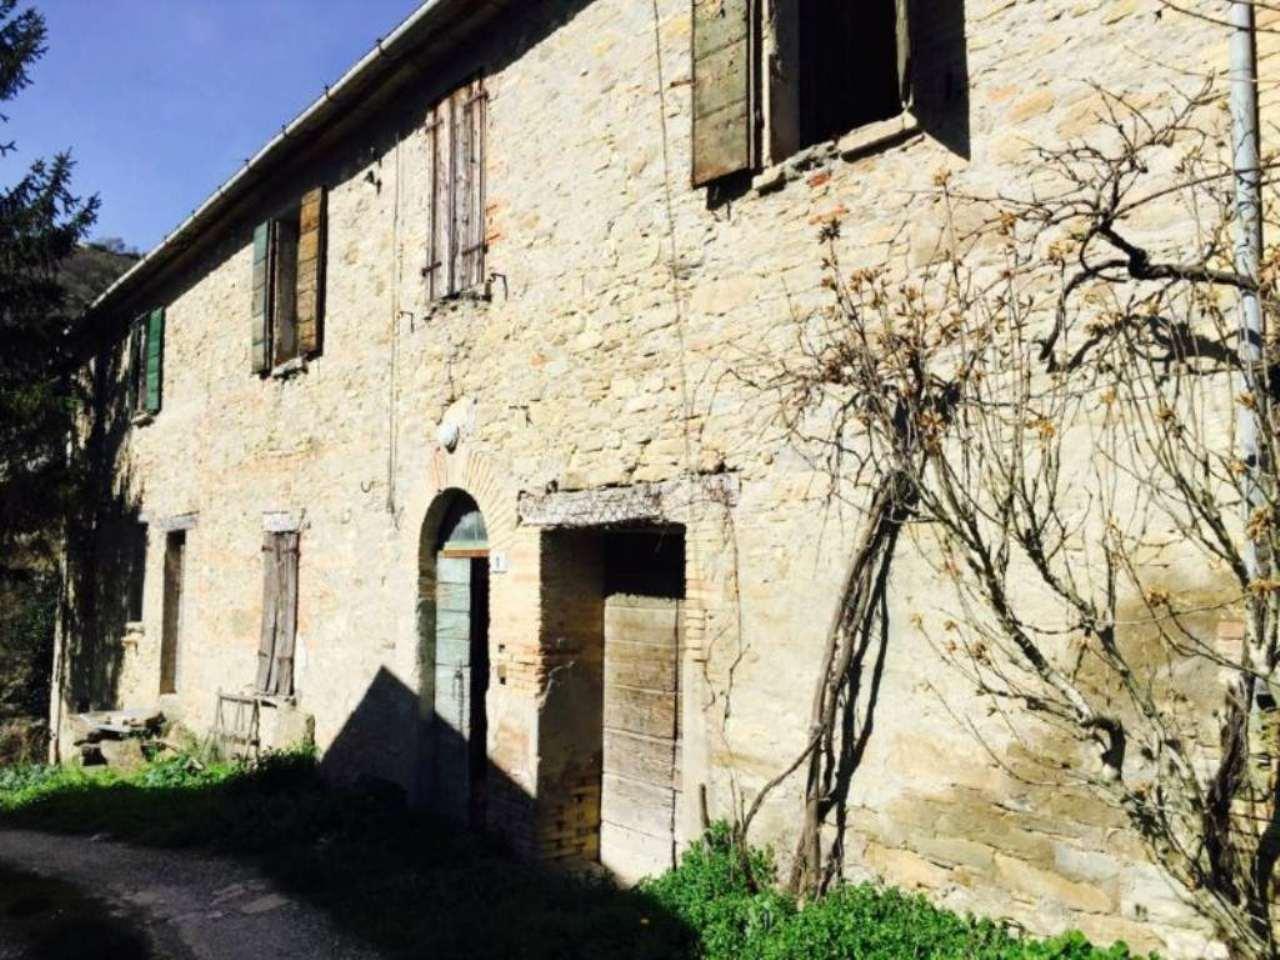 Rustico / Casale in vendita a Sarsina, 10 locali, prezzo € 230.000 | Cambio Casa.it